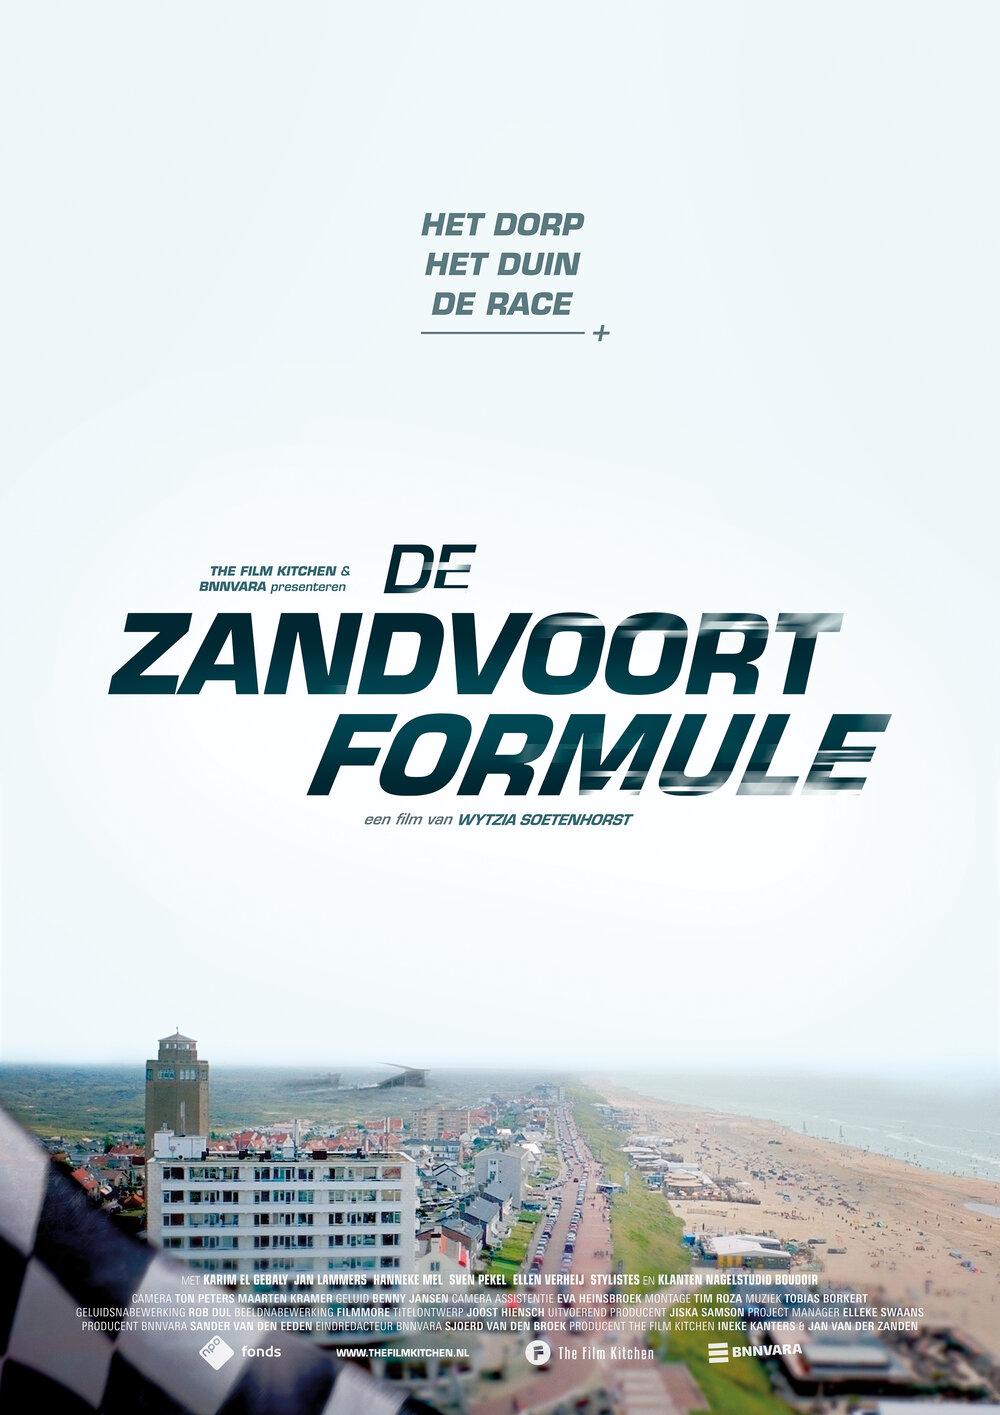 De Zandvoort Formule